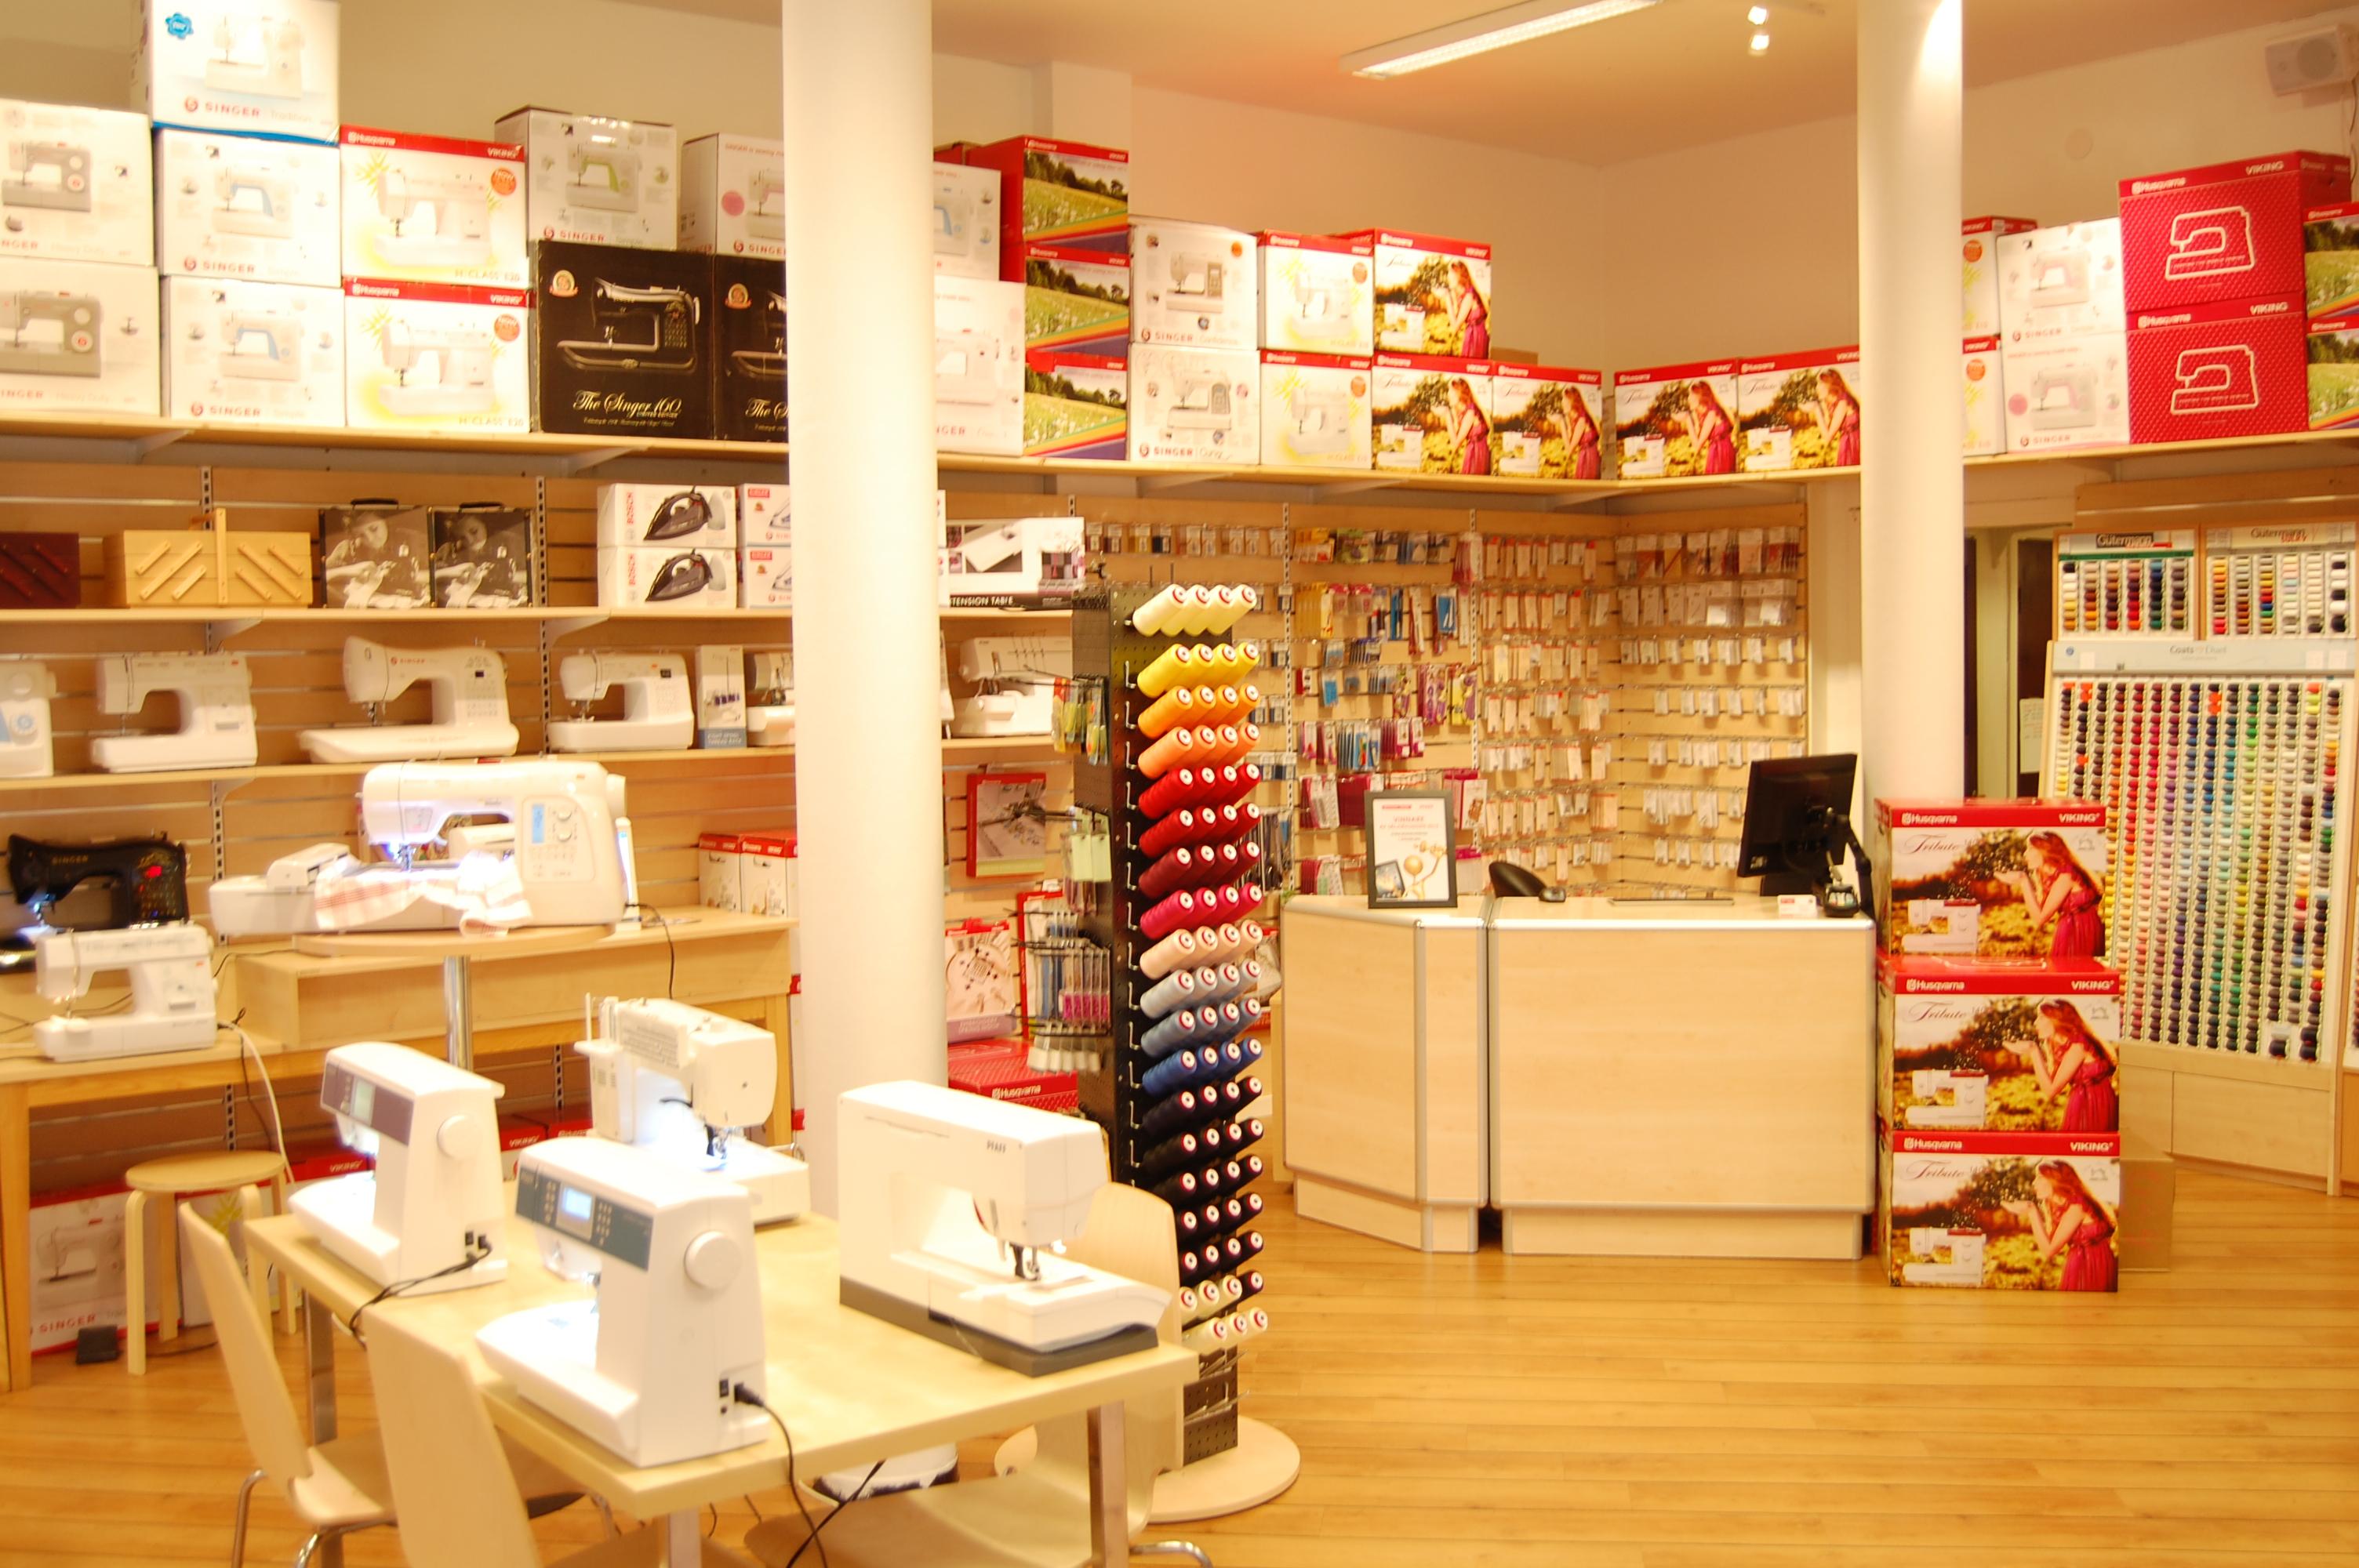 Välkomna till Göteborgs största och äldsta symaskinsbutik. Vi har funnits  sedan 1943 e71434644c463